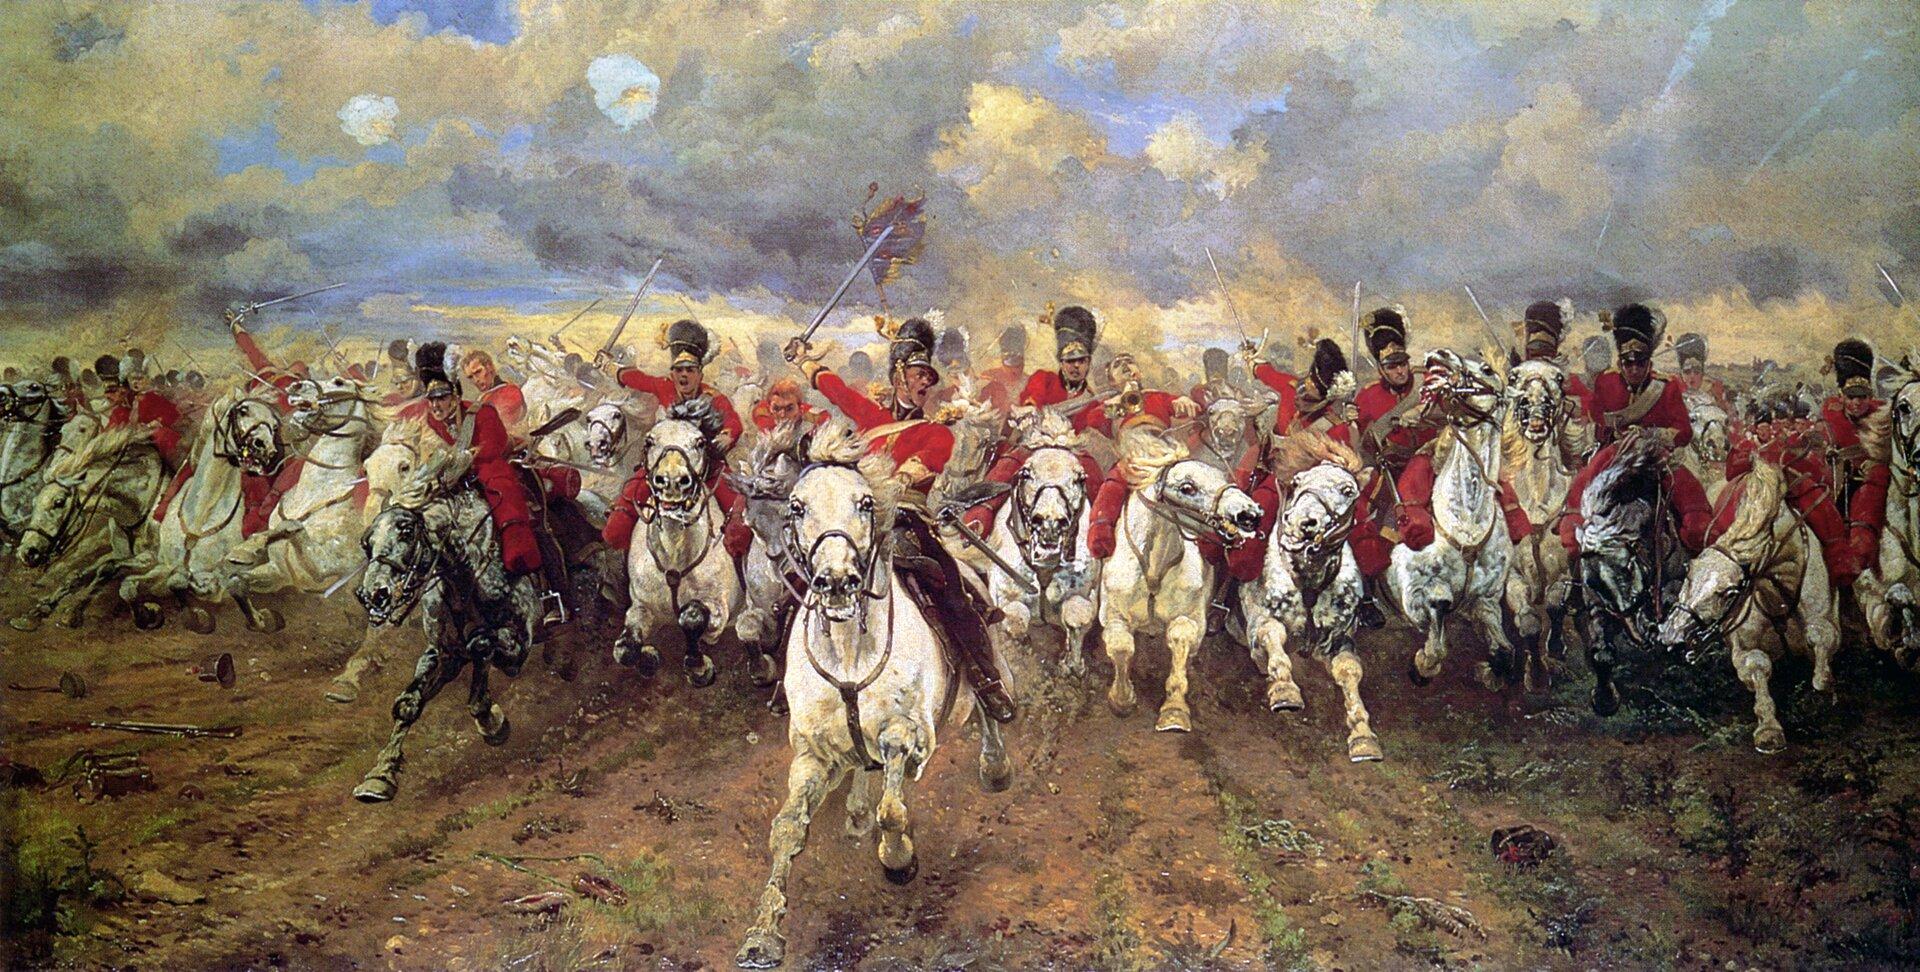 """Ilustracja przedstawia dzieło Elizabeth Thompson """"Scotland Forever!"""". Obraz ukazuje szarżę Królewskiego Szkockiego Szaraka , brytyjskiego pułku kawalerii, który szarżował uboku brytyjskiej ciężkiej kawalerii wbitwie pod Waterloo w1815 roku. Konie, które dominują na zdjęciu, to ciężkie wierzchowce. Galopują prowadzone przez żołnierzy wczerwonych mundurach. Malarka ujęła scenę perspektywicznie, co potęguje wrażenie pędu. Nad pędzącym wojskiem unosi się niebo zżółto-szarymi chmurami."""